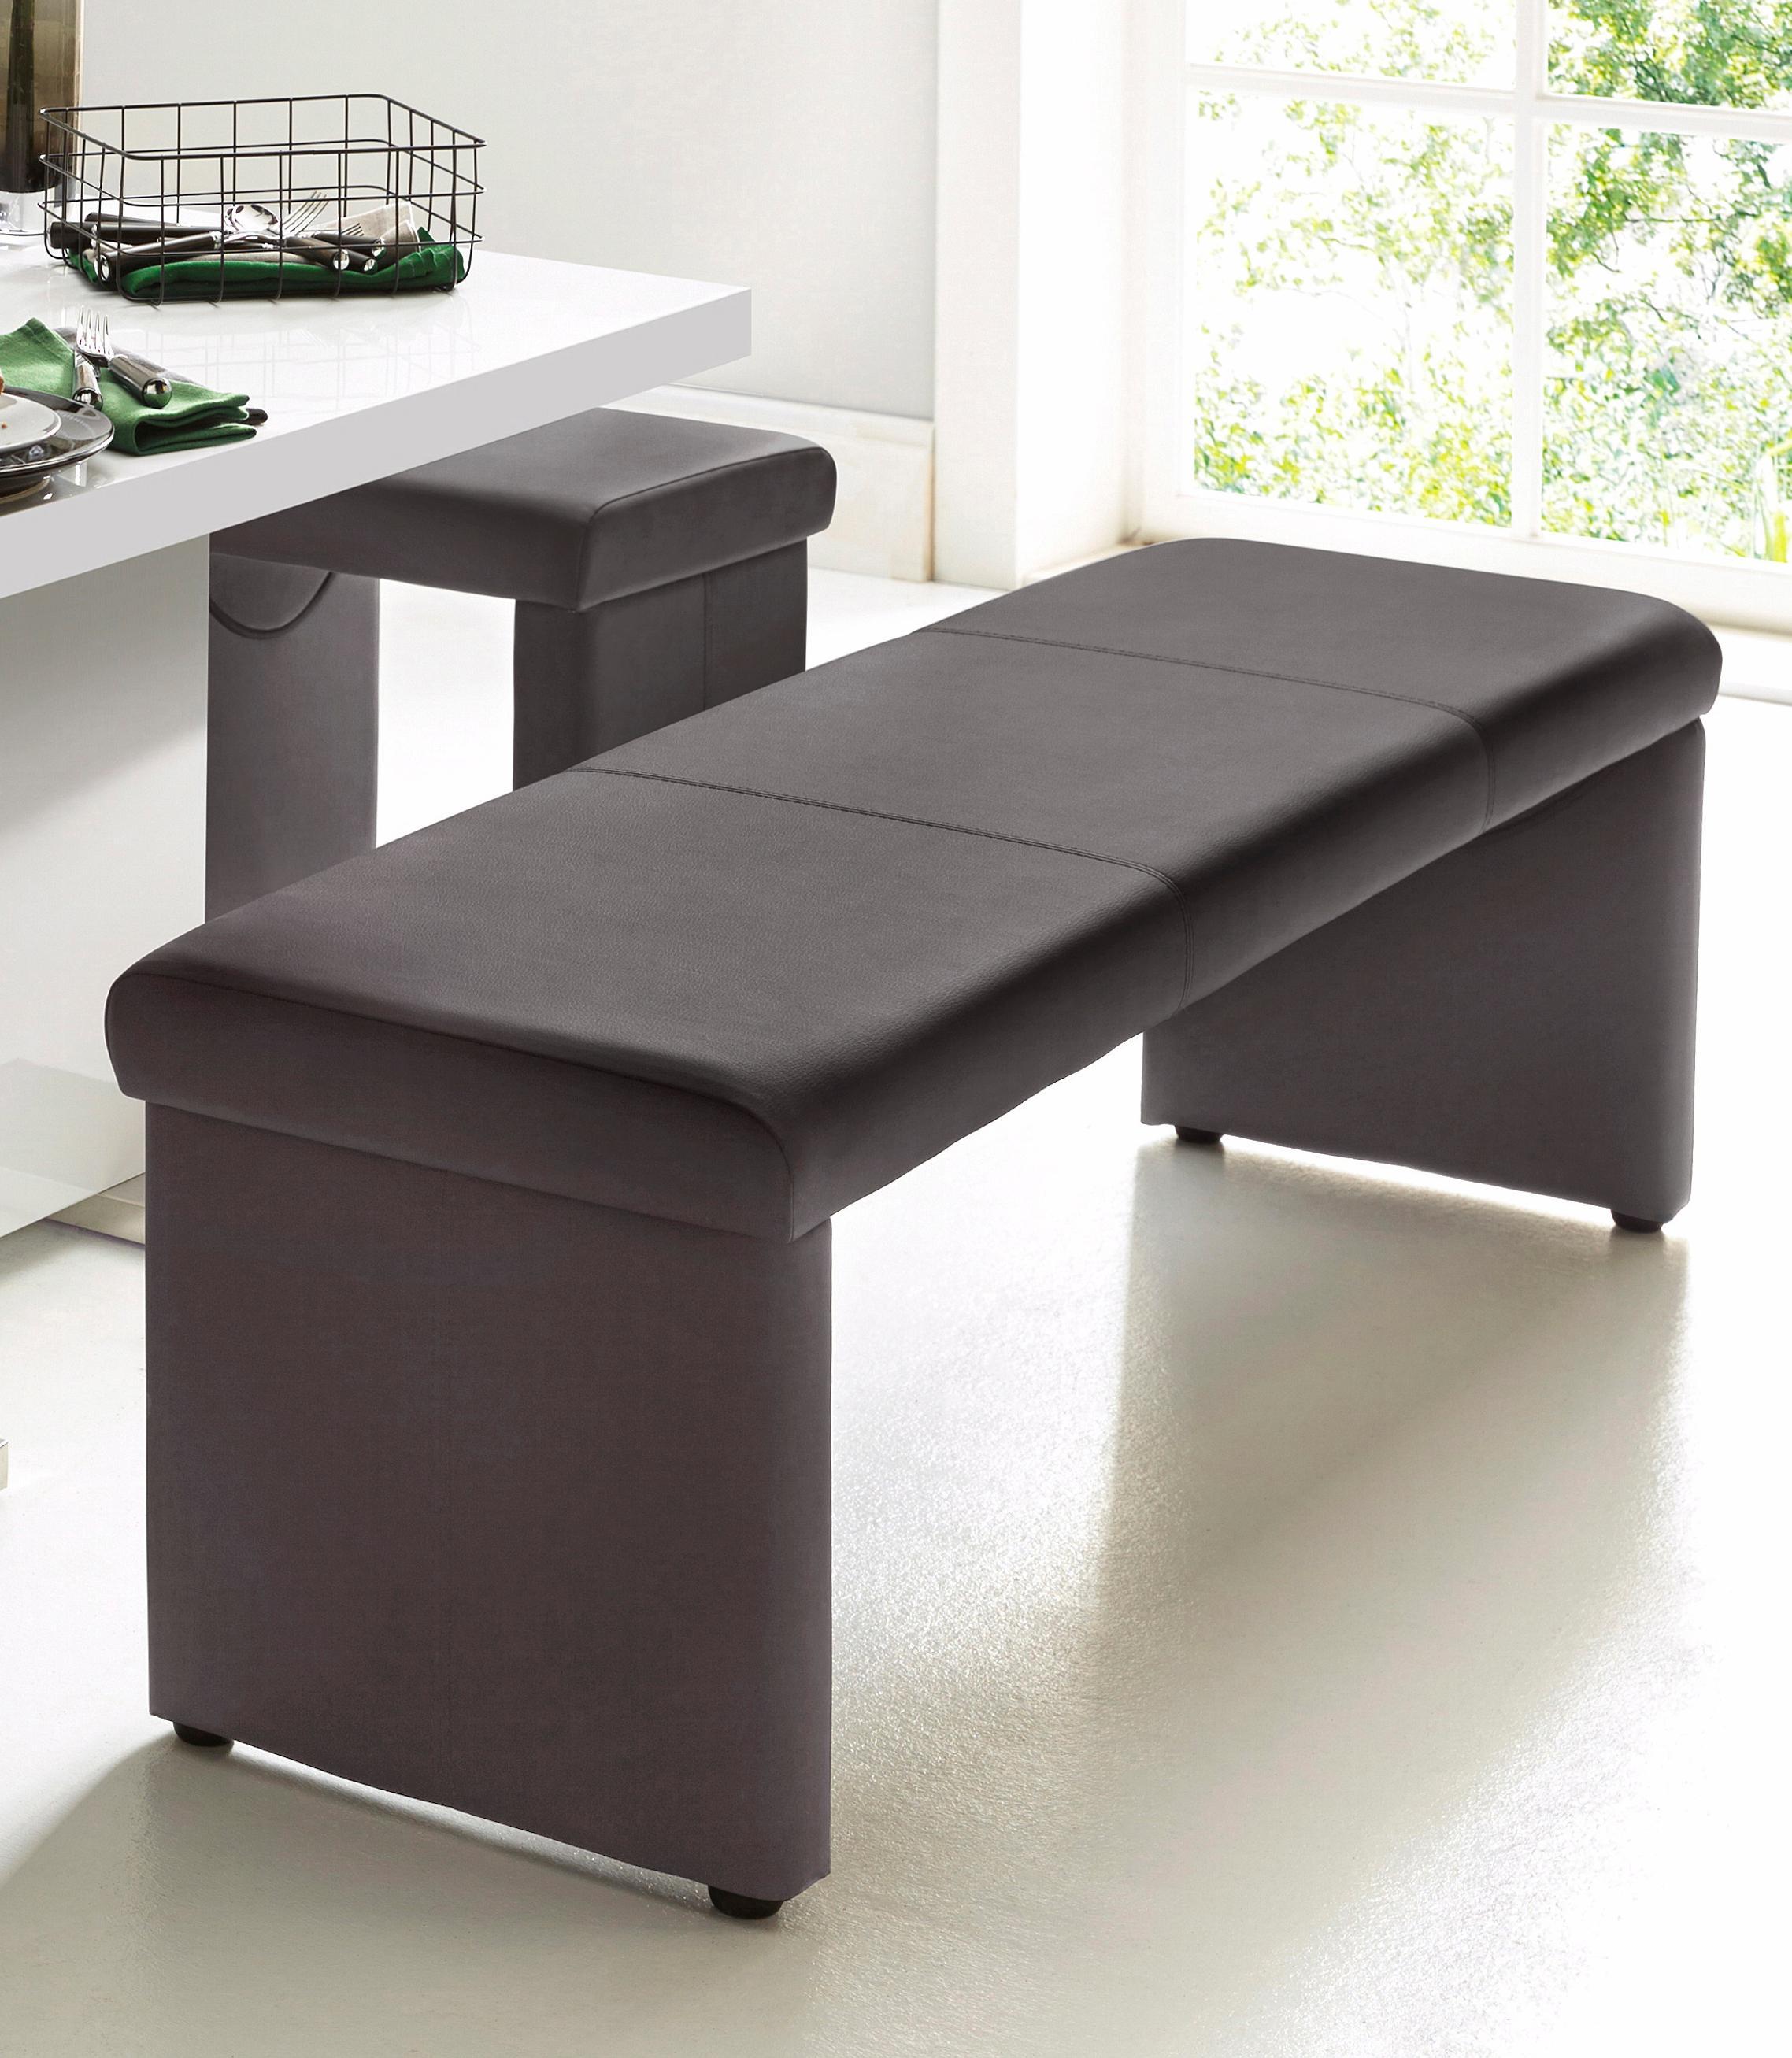 leder-braun-kunstleder Einfache Sitzbänke online kaufen ...